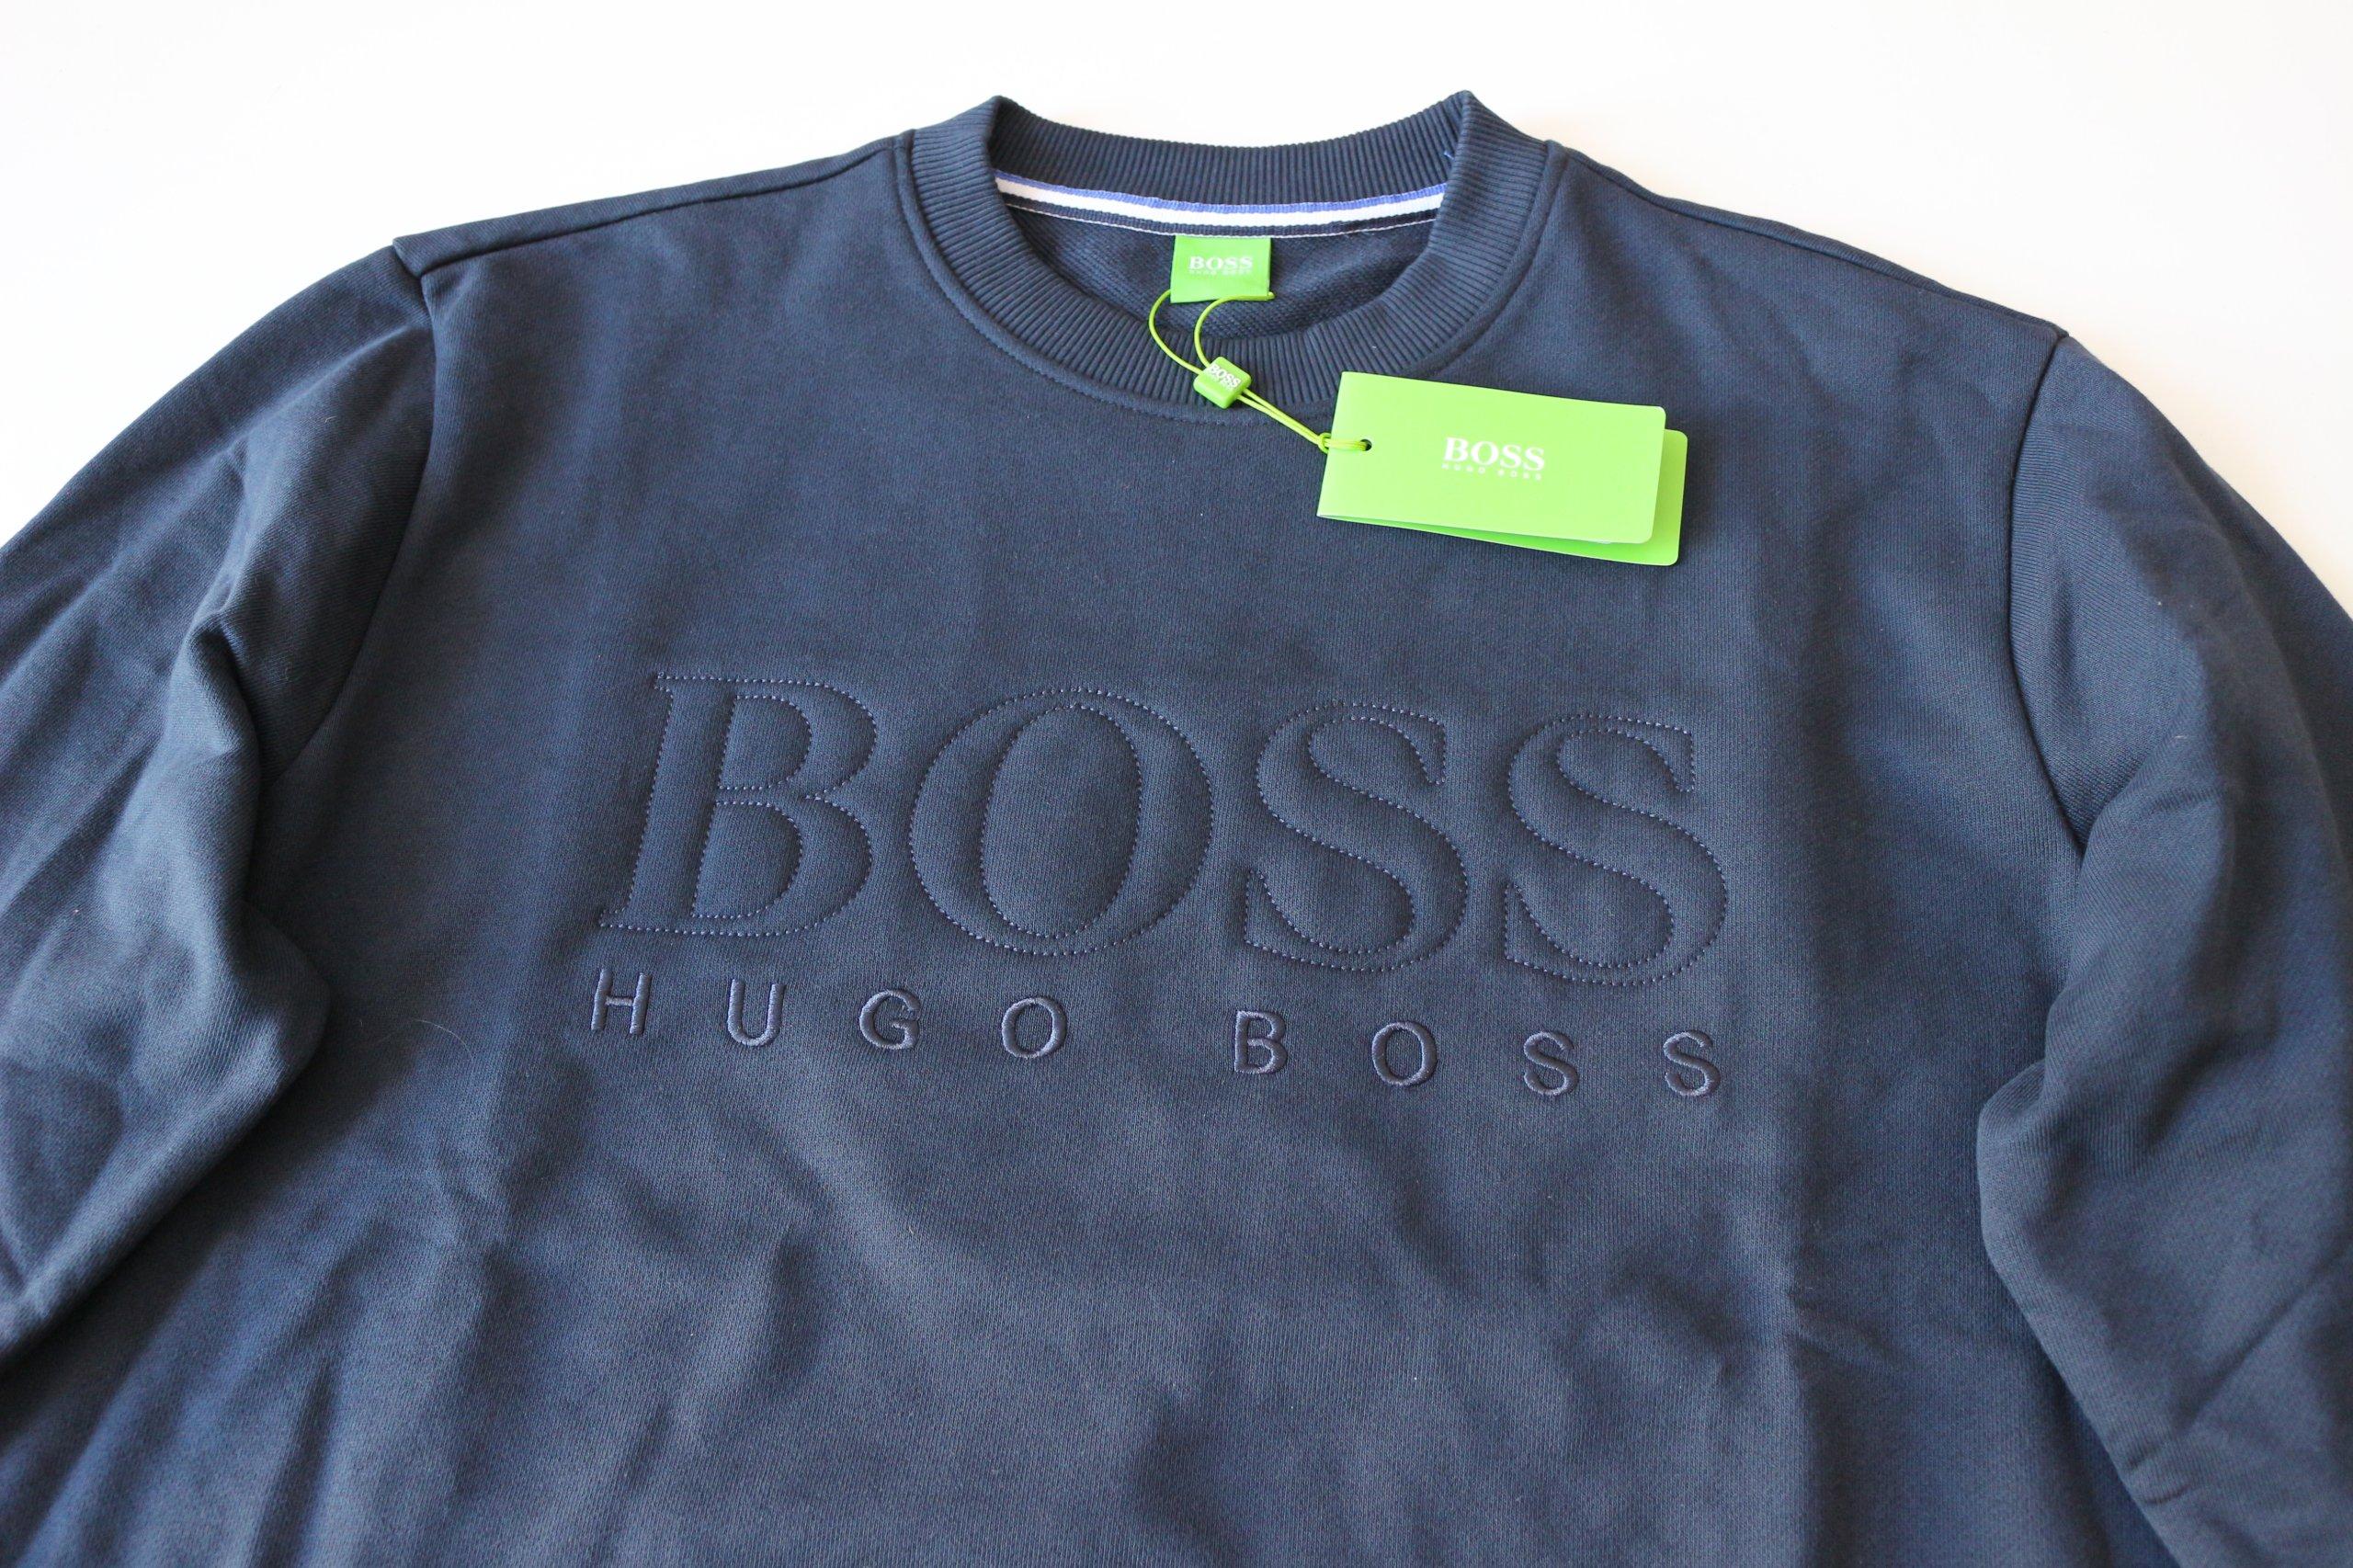 0b8976630a5df HUGO BOSS GREEN bluza rozm XL ŁÓDŹ - 7242134989 - oficjalne archiwum ...